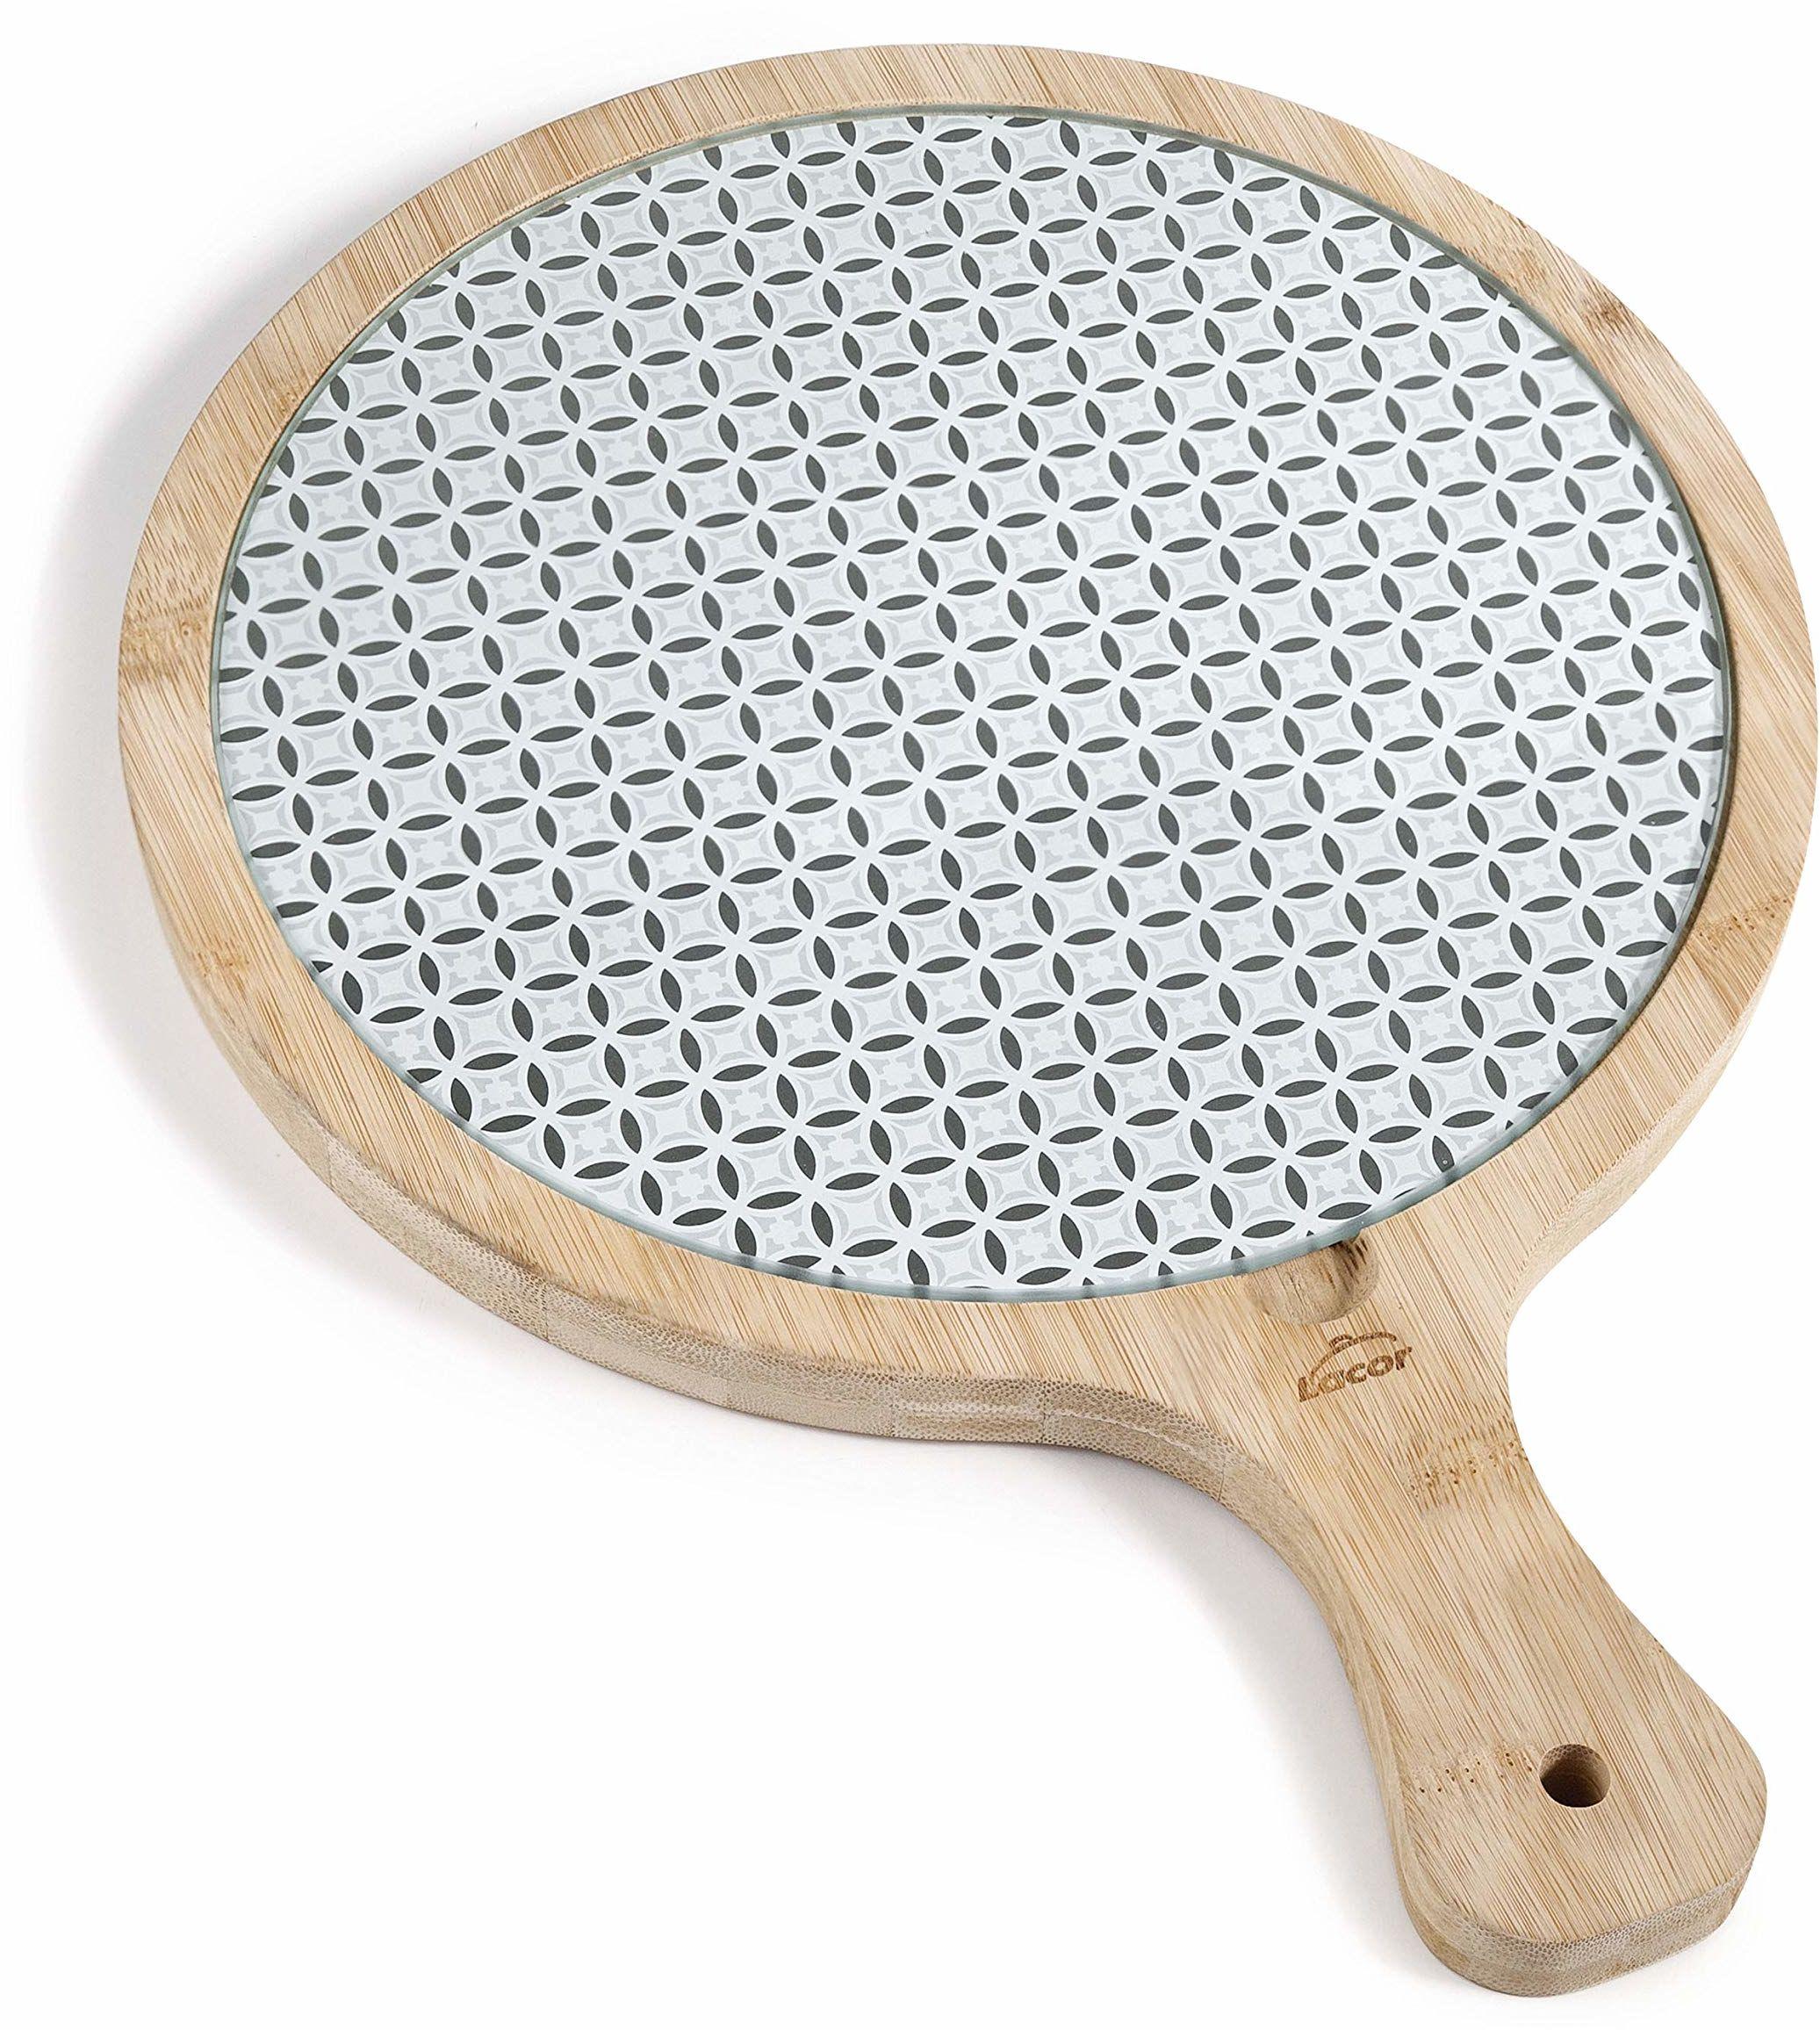 Szkło lakierowane i bambusowa deska okrągła